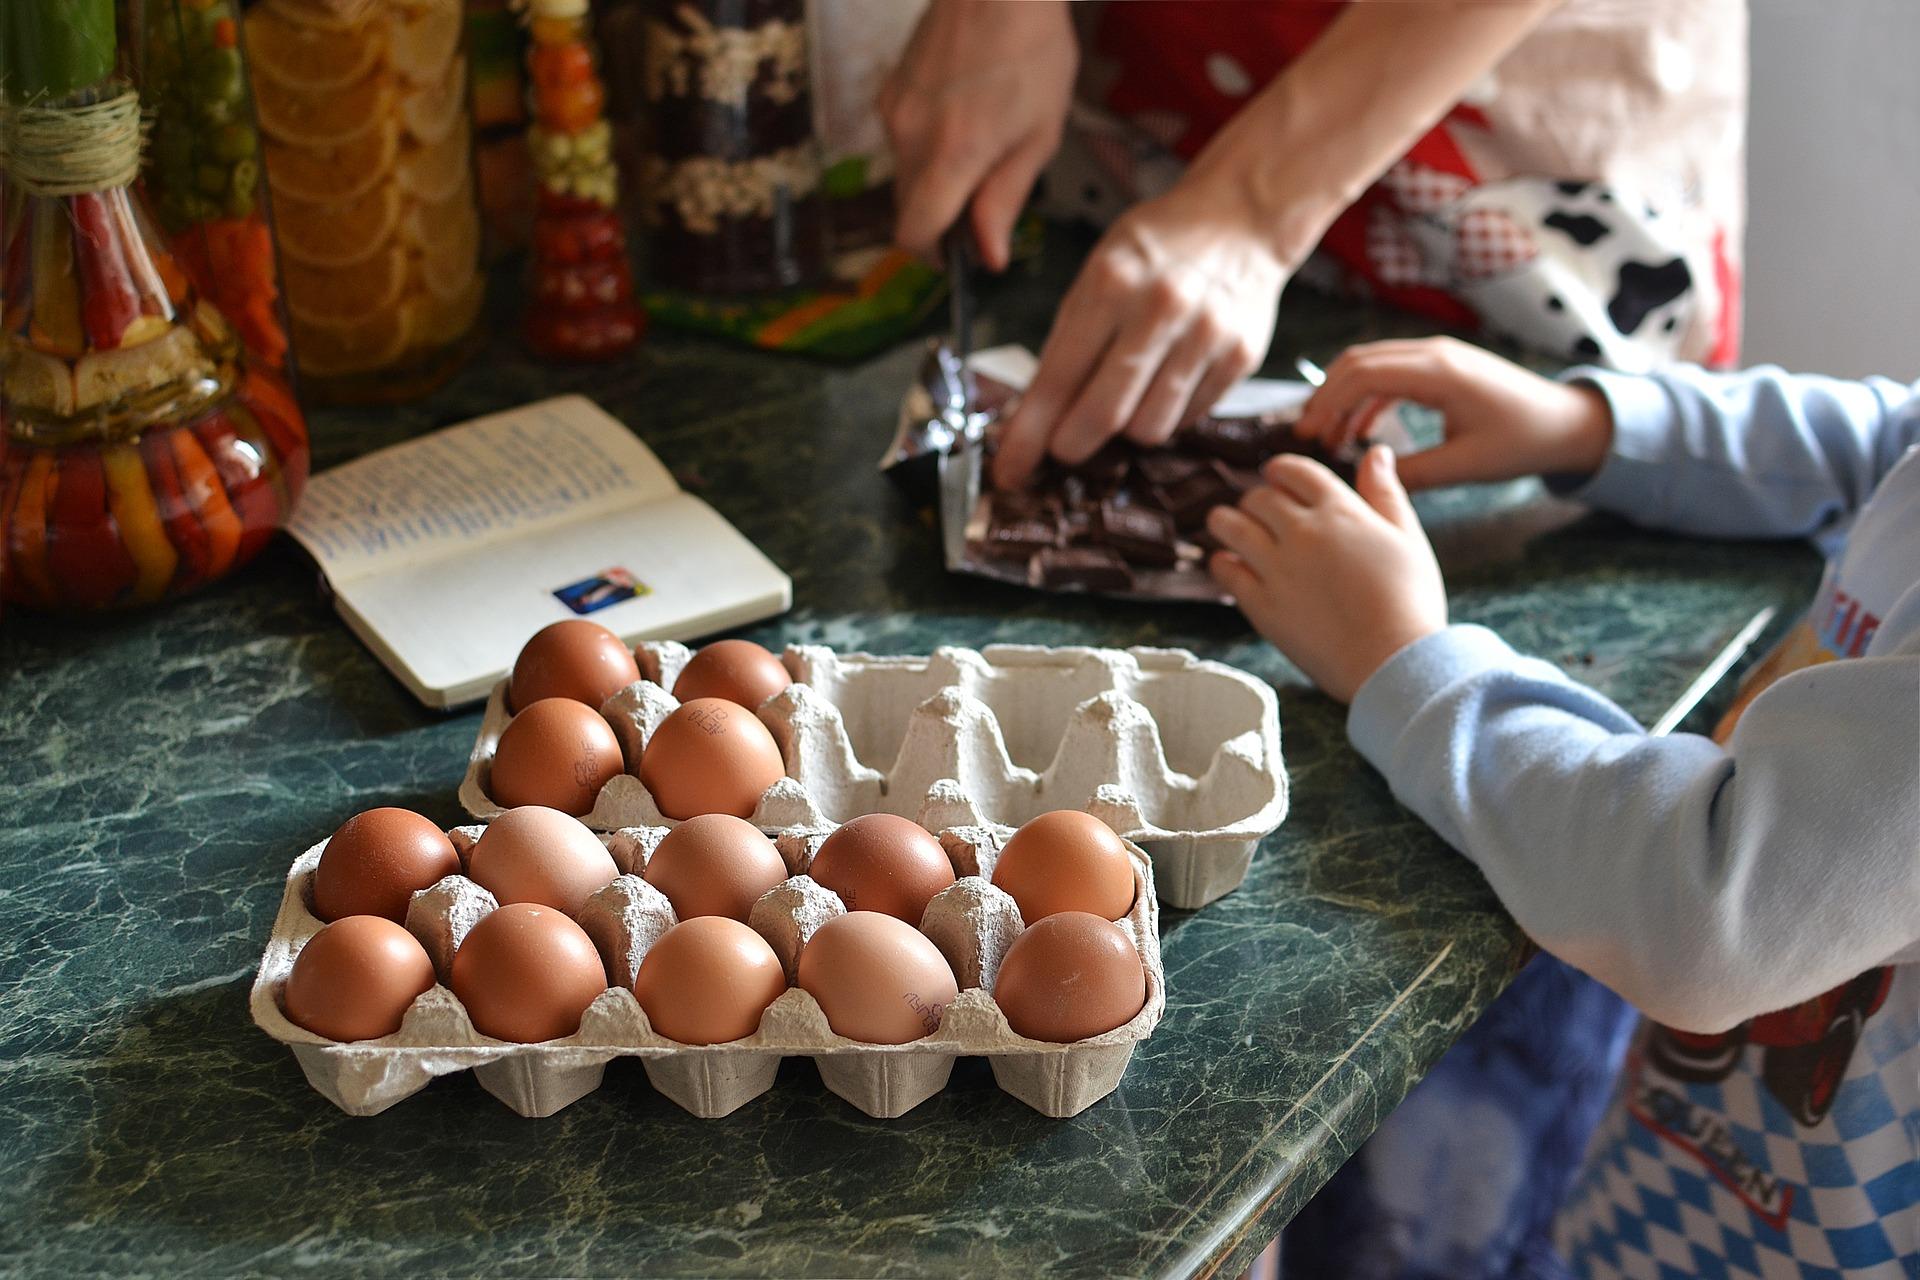 pranzo in famiglia: tradizioni importanti